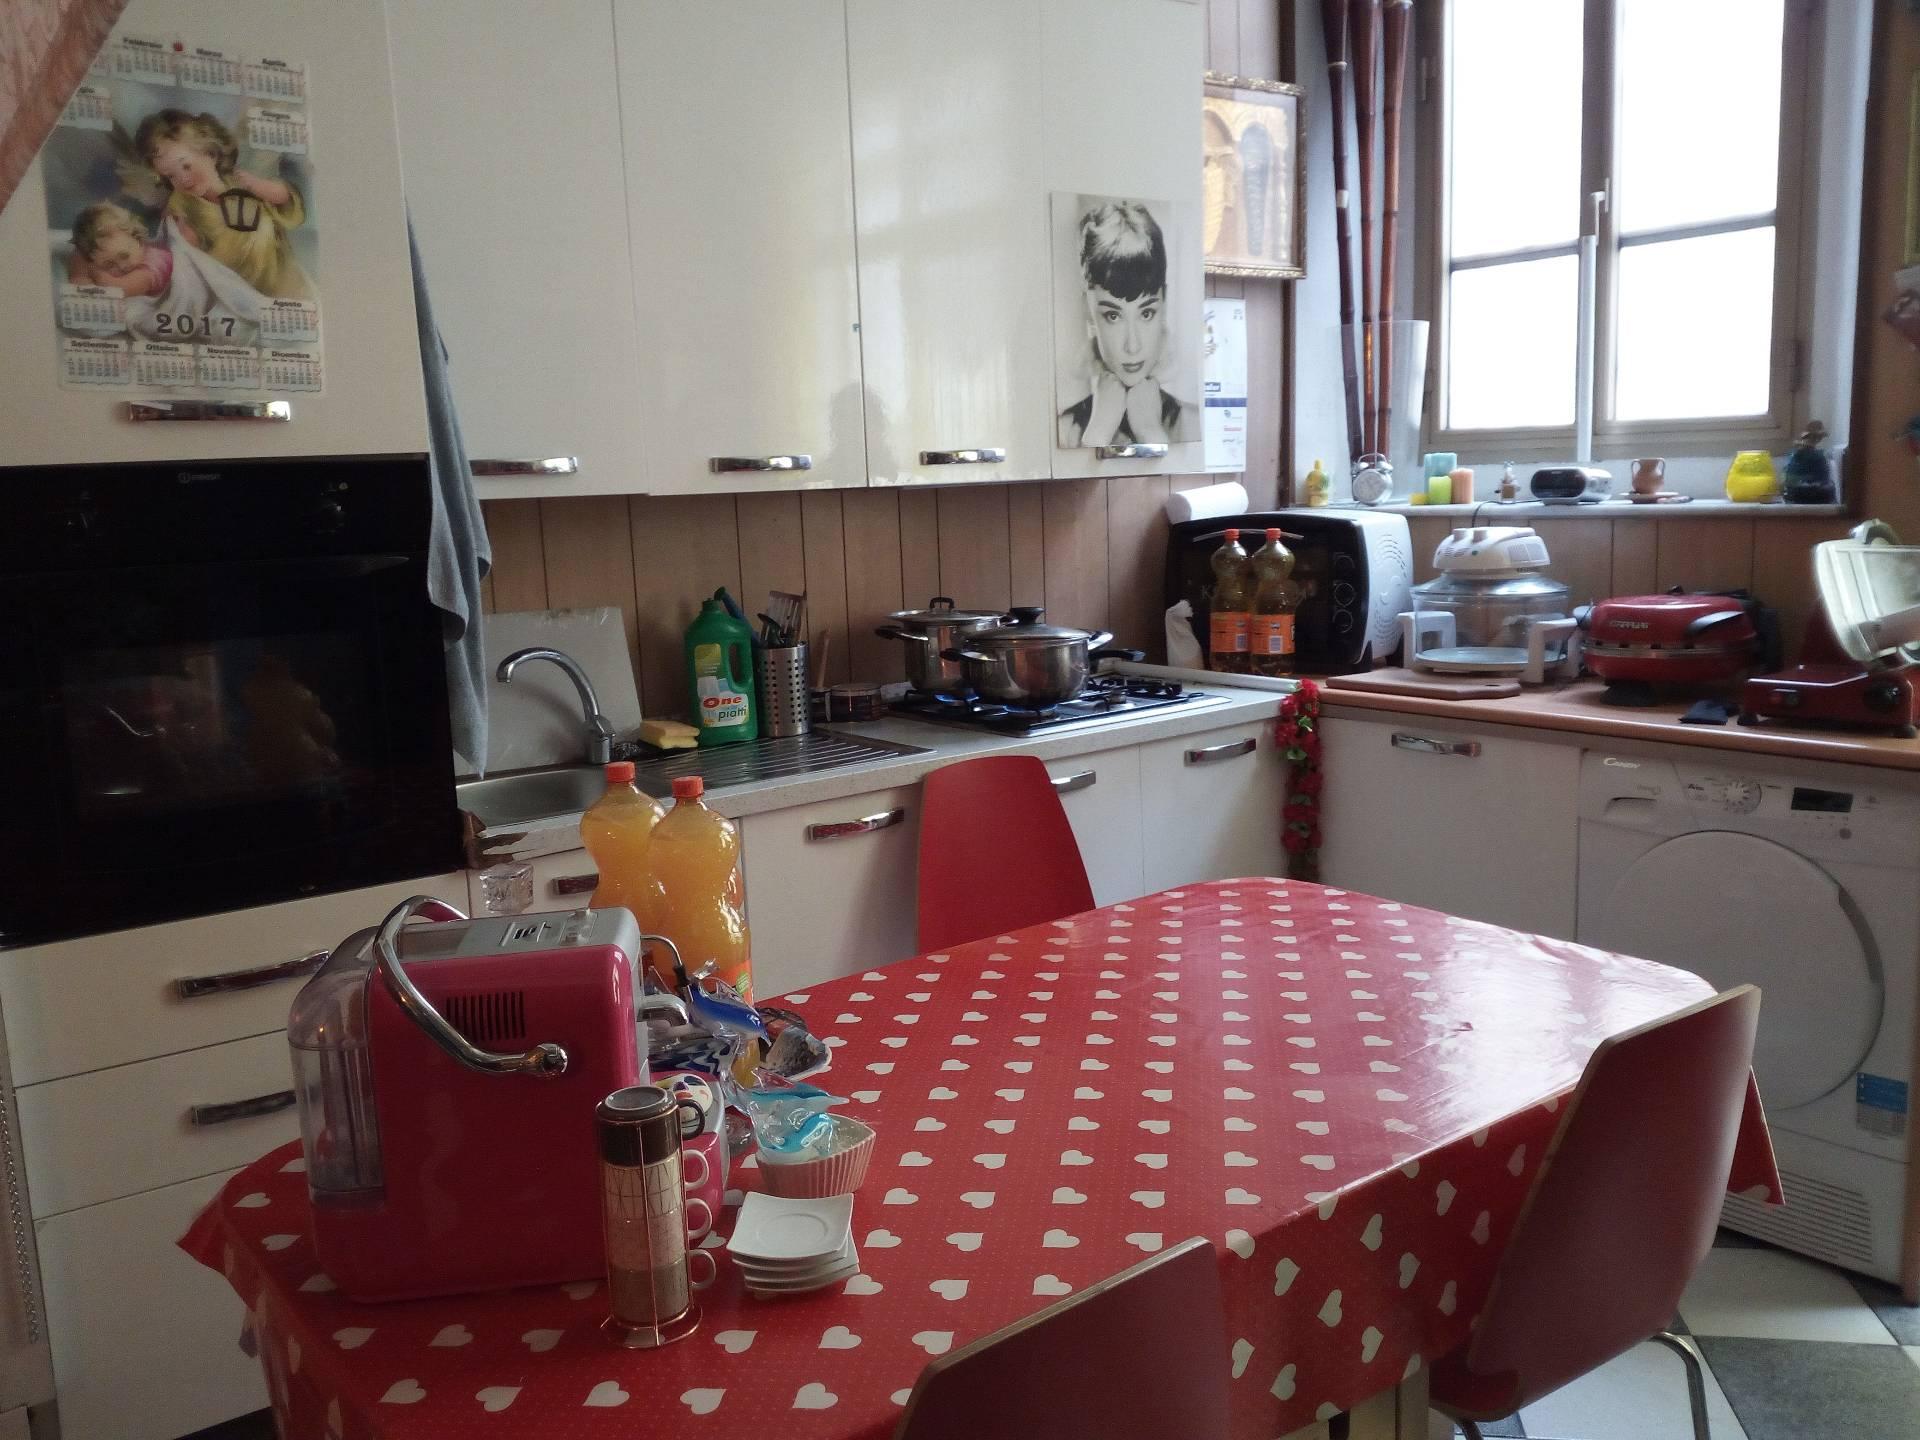 Appartamento in affitto a Lugo, 1 locali, zona Località: centro, prezzo € 400 | Cambio Casa.it